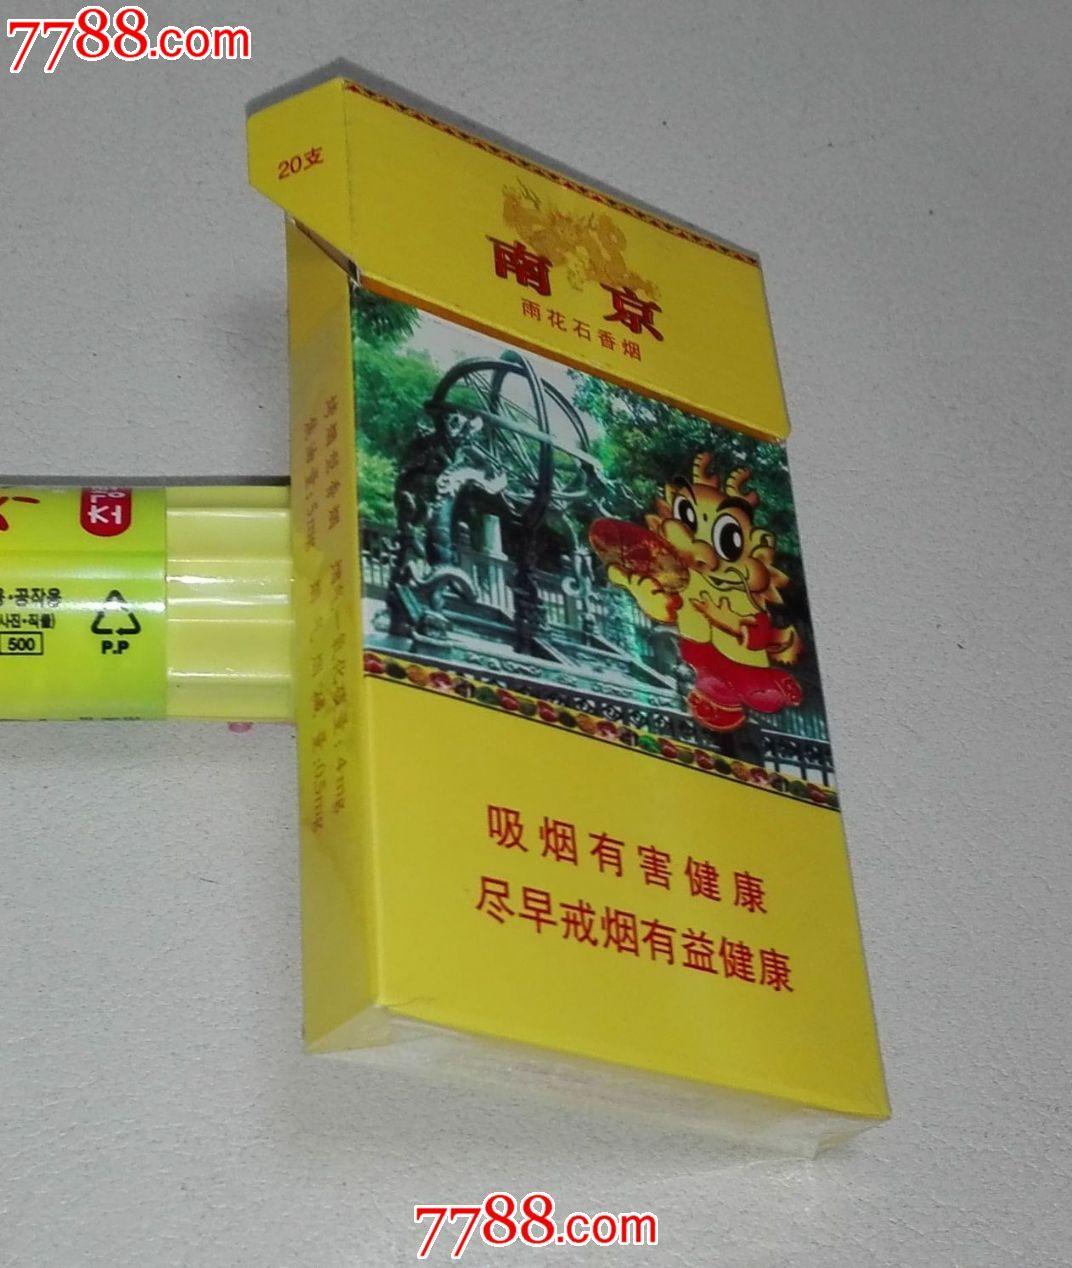 南京雨花石香烟 3.0000元 se46819478 7788收藏